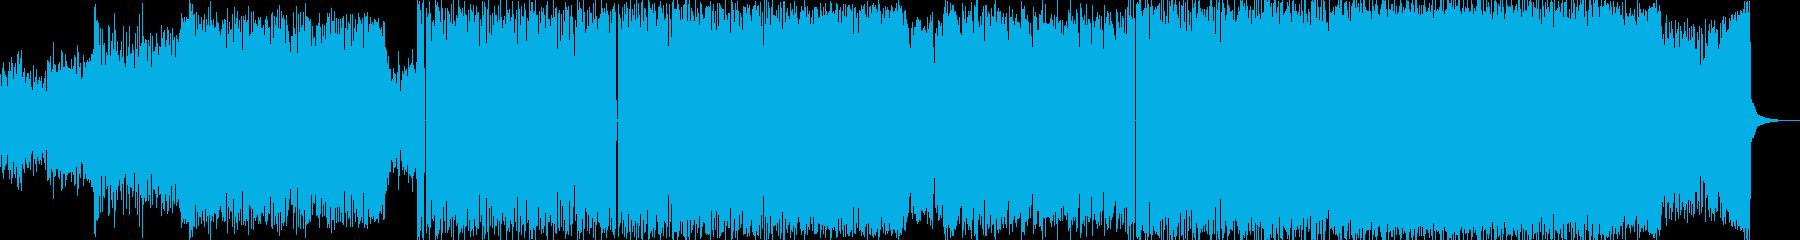 軽快なビートと重低音ベースリフの再生済みの波形